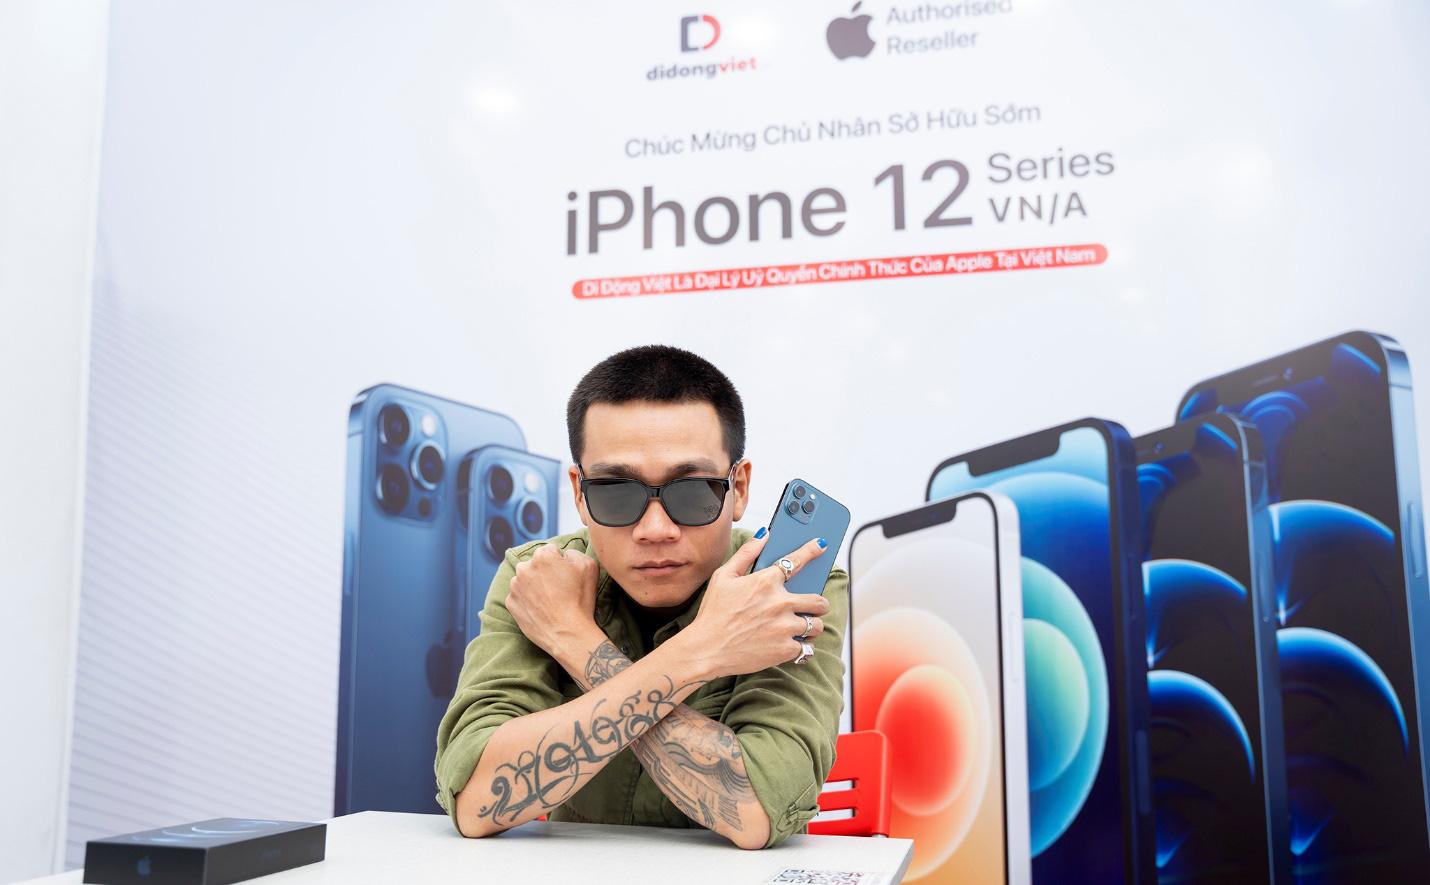 Wowy sở hữu iPhone 12 Pro Max VN/A ngay trong ngày mở bán đầu tiên tại Việt Nam - Ảnh 2.